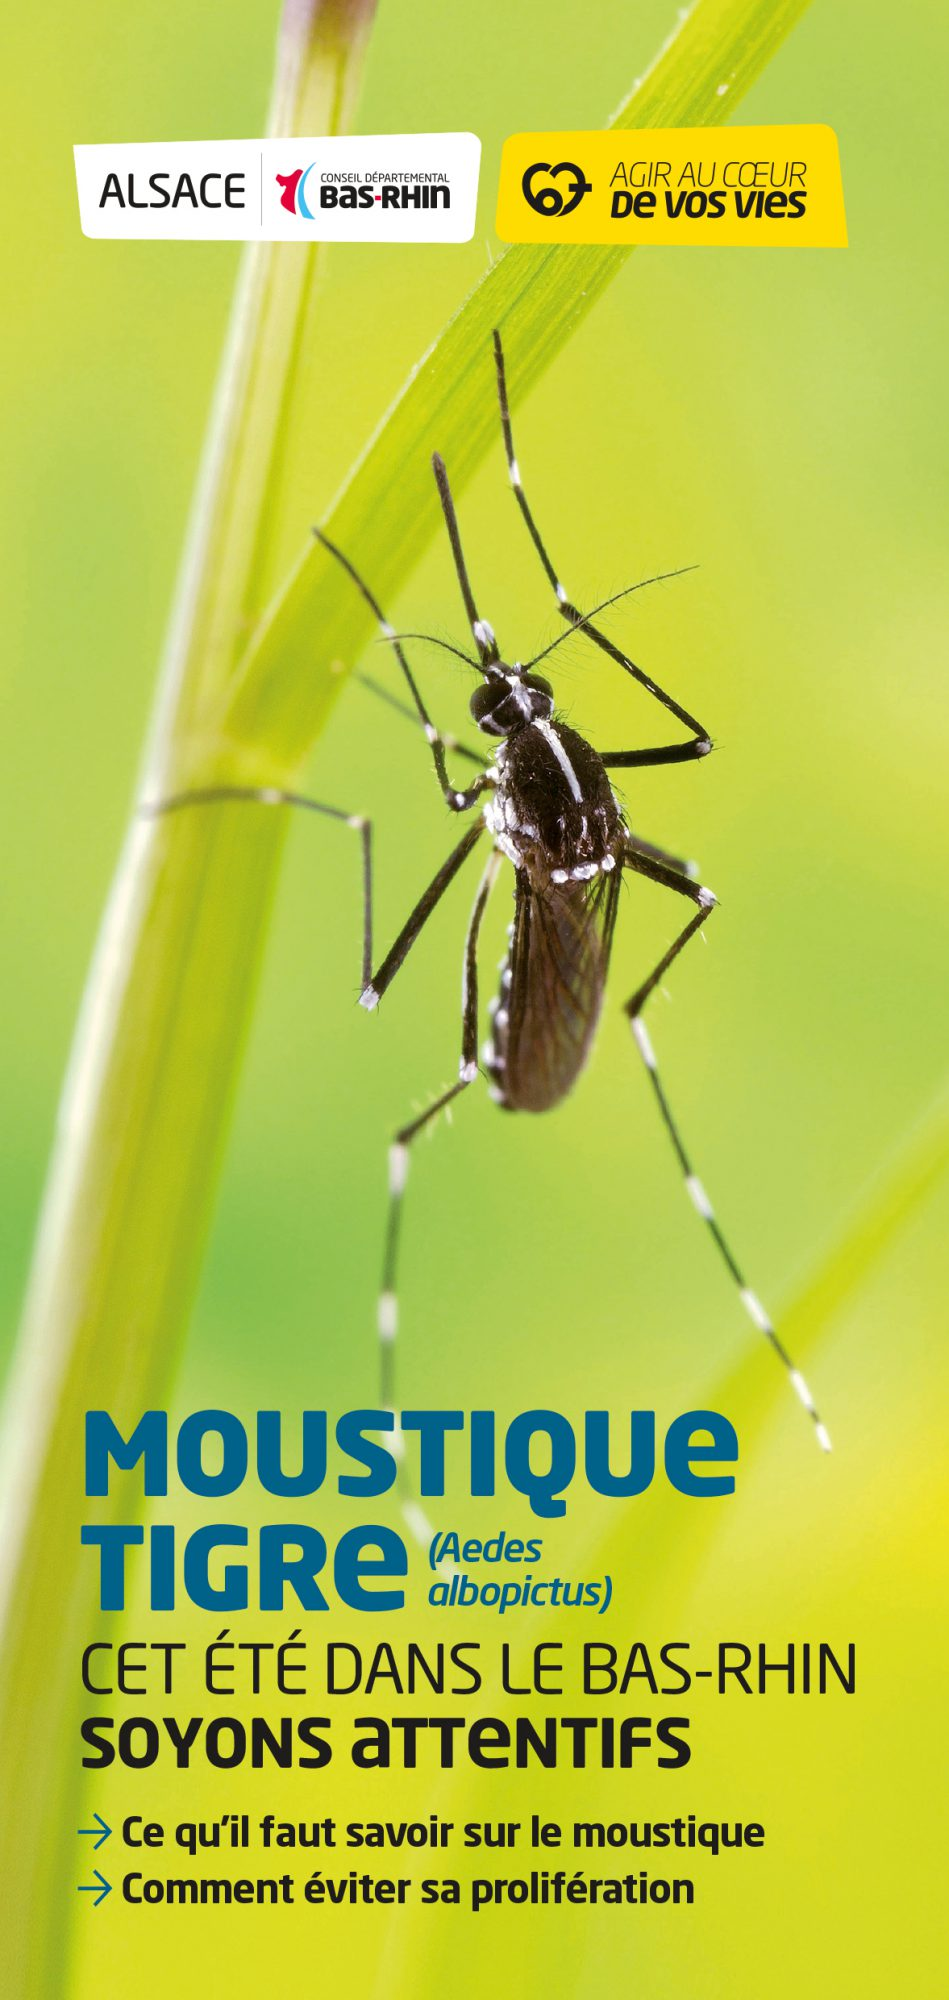 conseil-departemental-bas-rhin-moustique-tigre-ce-quil-faut-savoir-2018-1